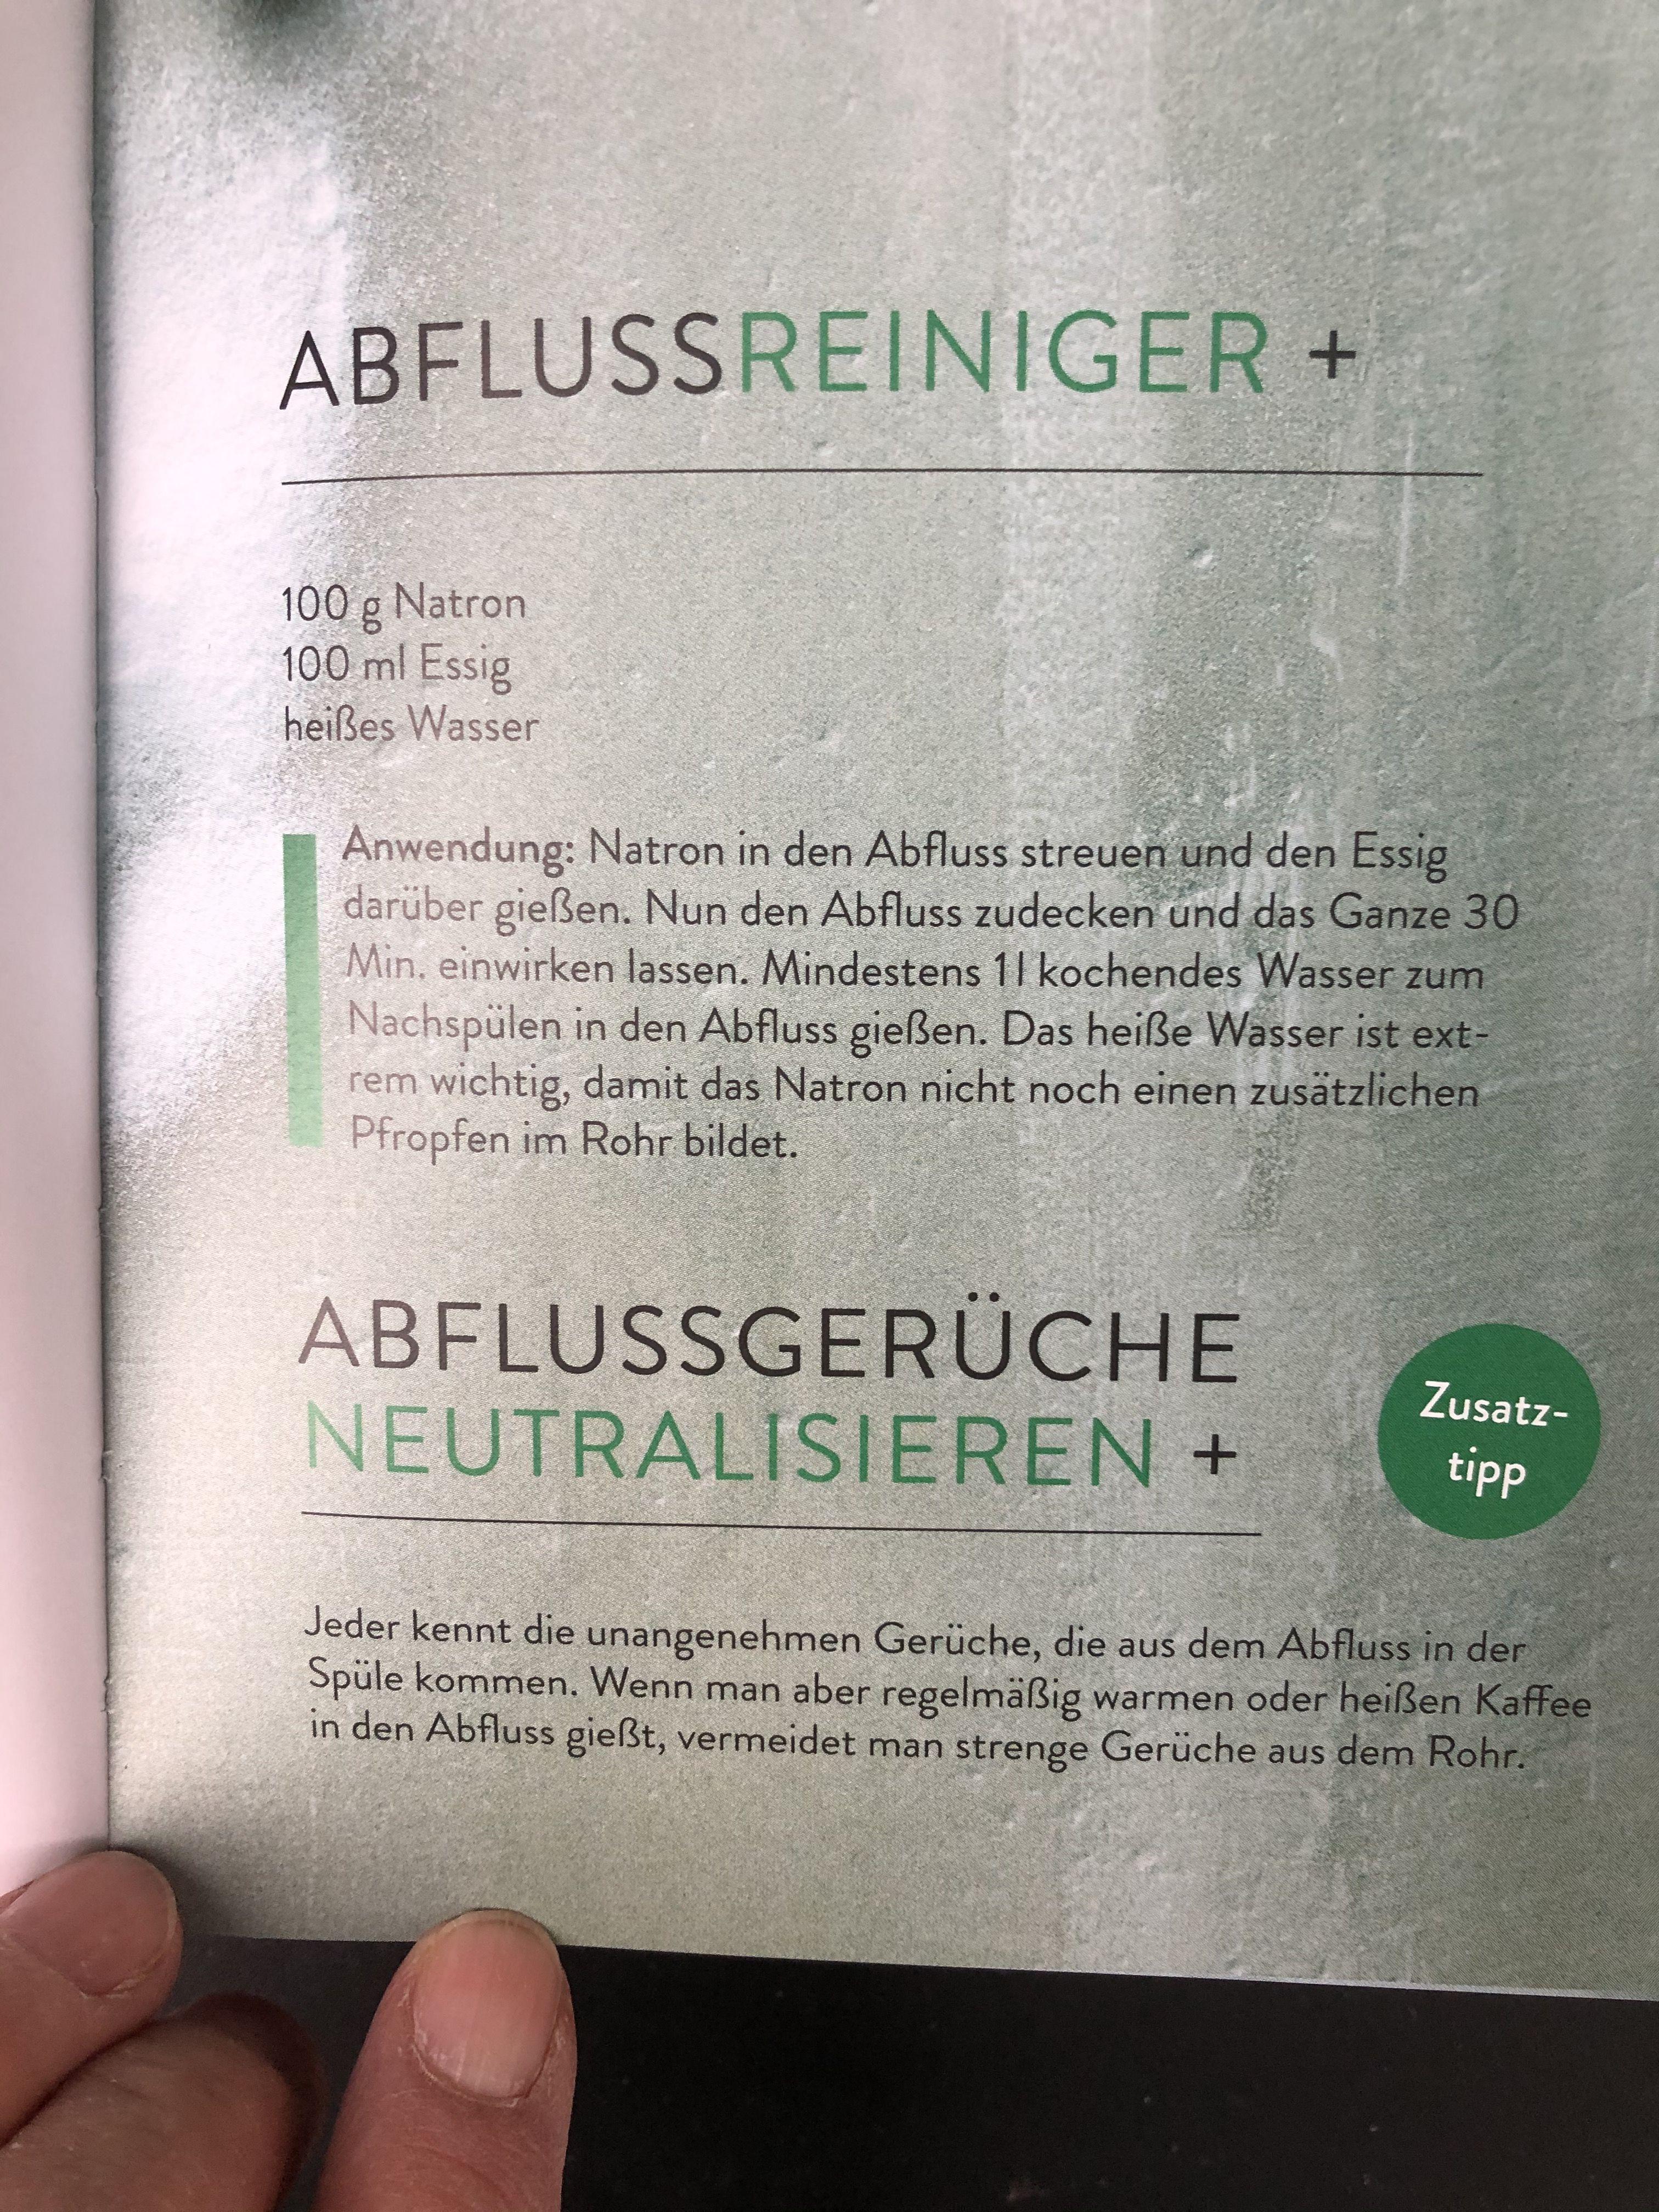 Pin Von Jette Asseburg Auf Haushaltstipps In 2020 Haushaltstipps Haushalts Tipps Abflussreiniger